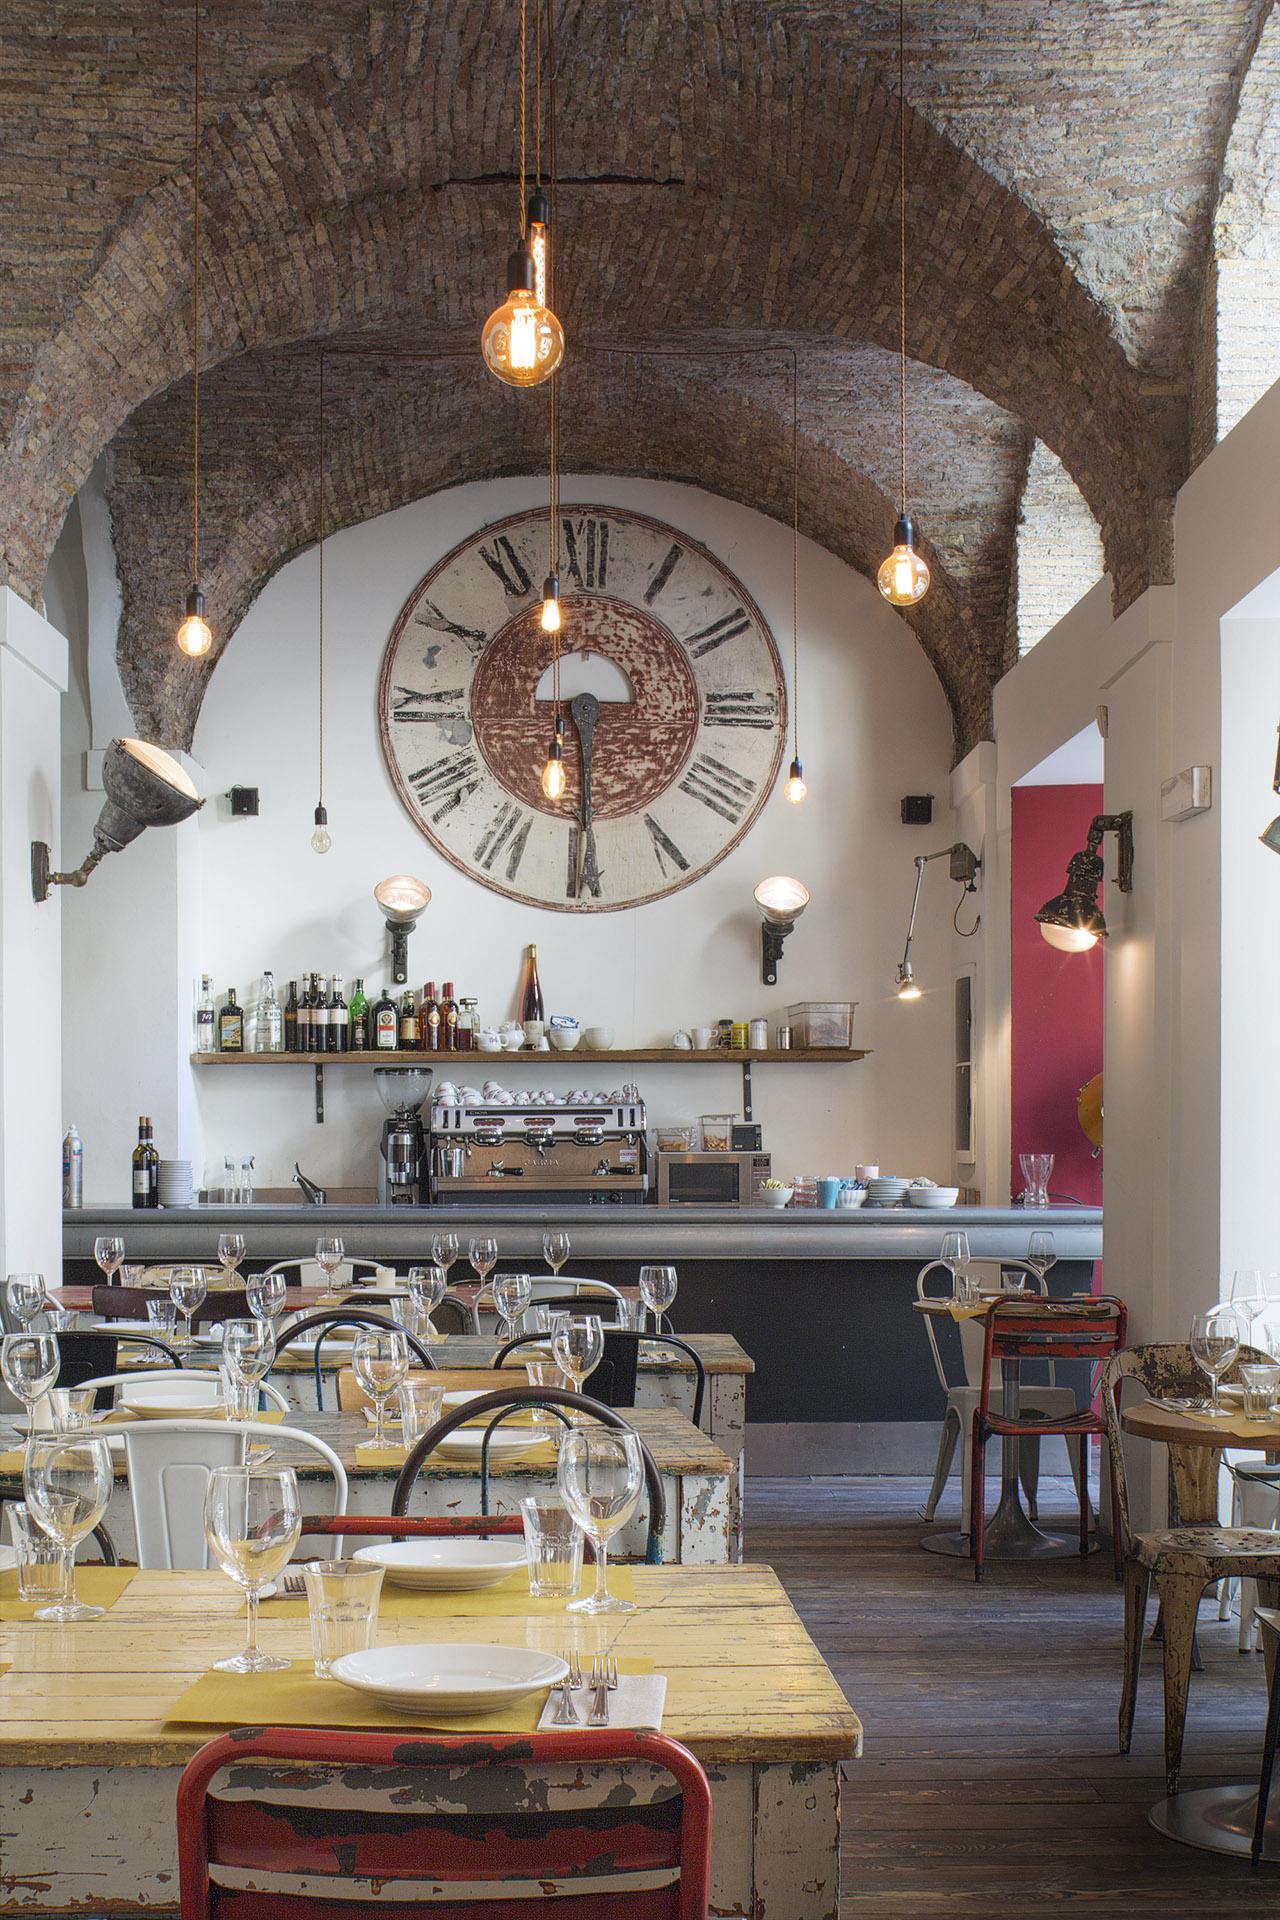 Fotografia d'interni: il ristorante del Bar del Fico, Roma